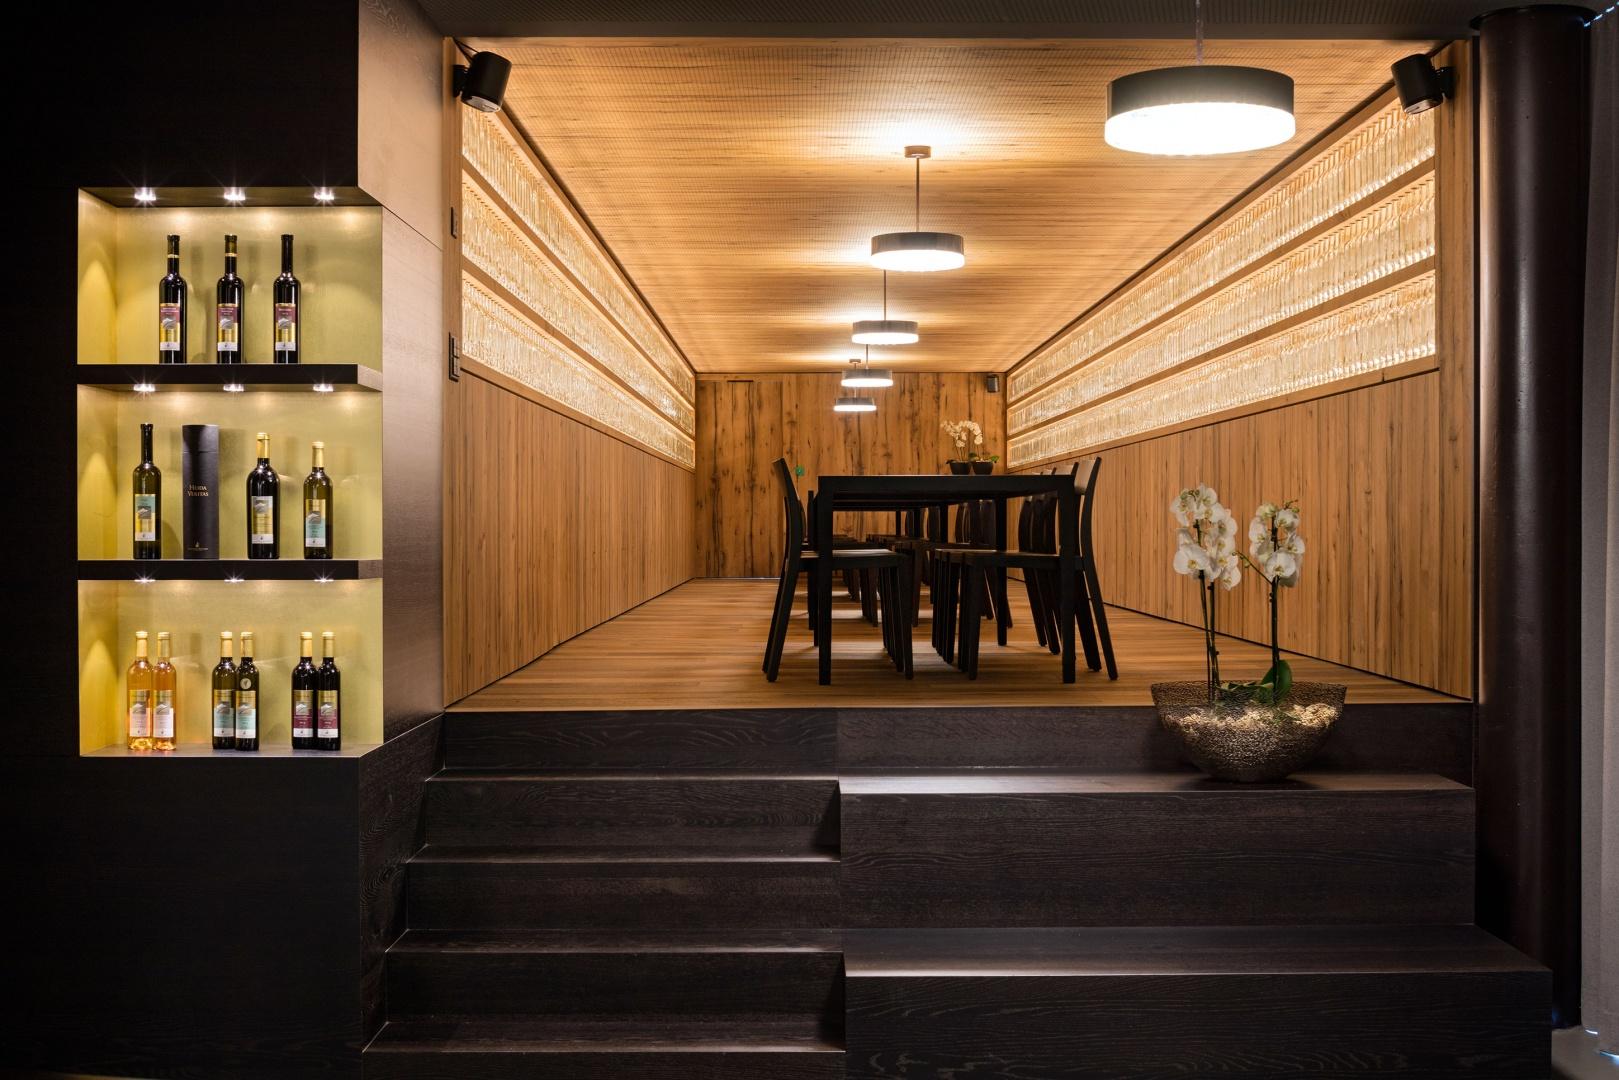 Eichensaal im ehemaligen Barriquekeller © Thomas Andenmatten